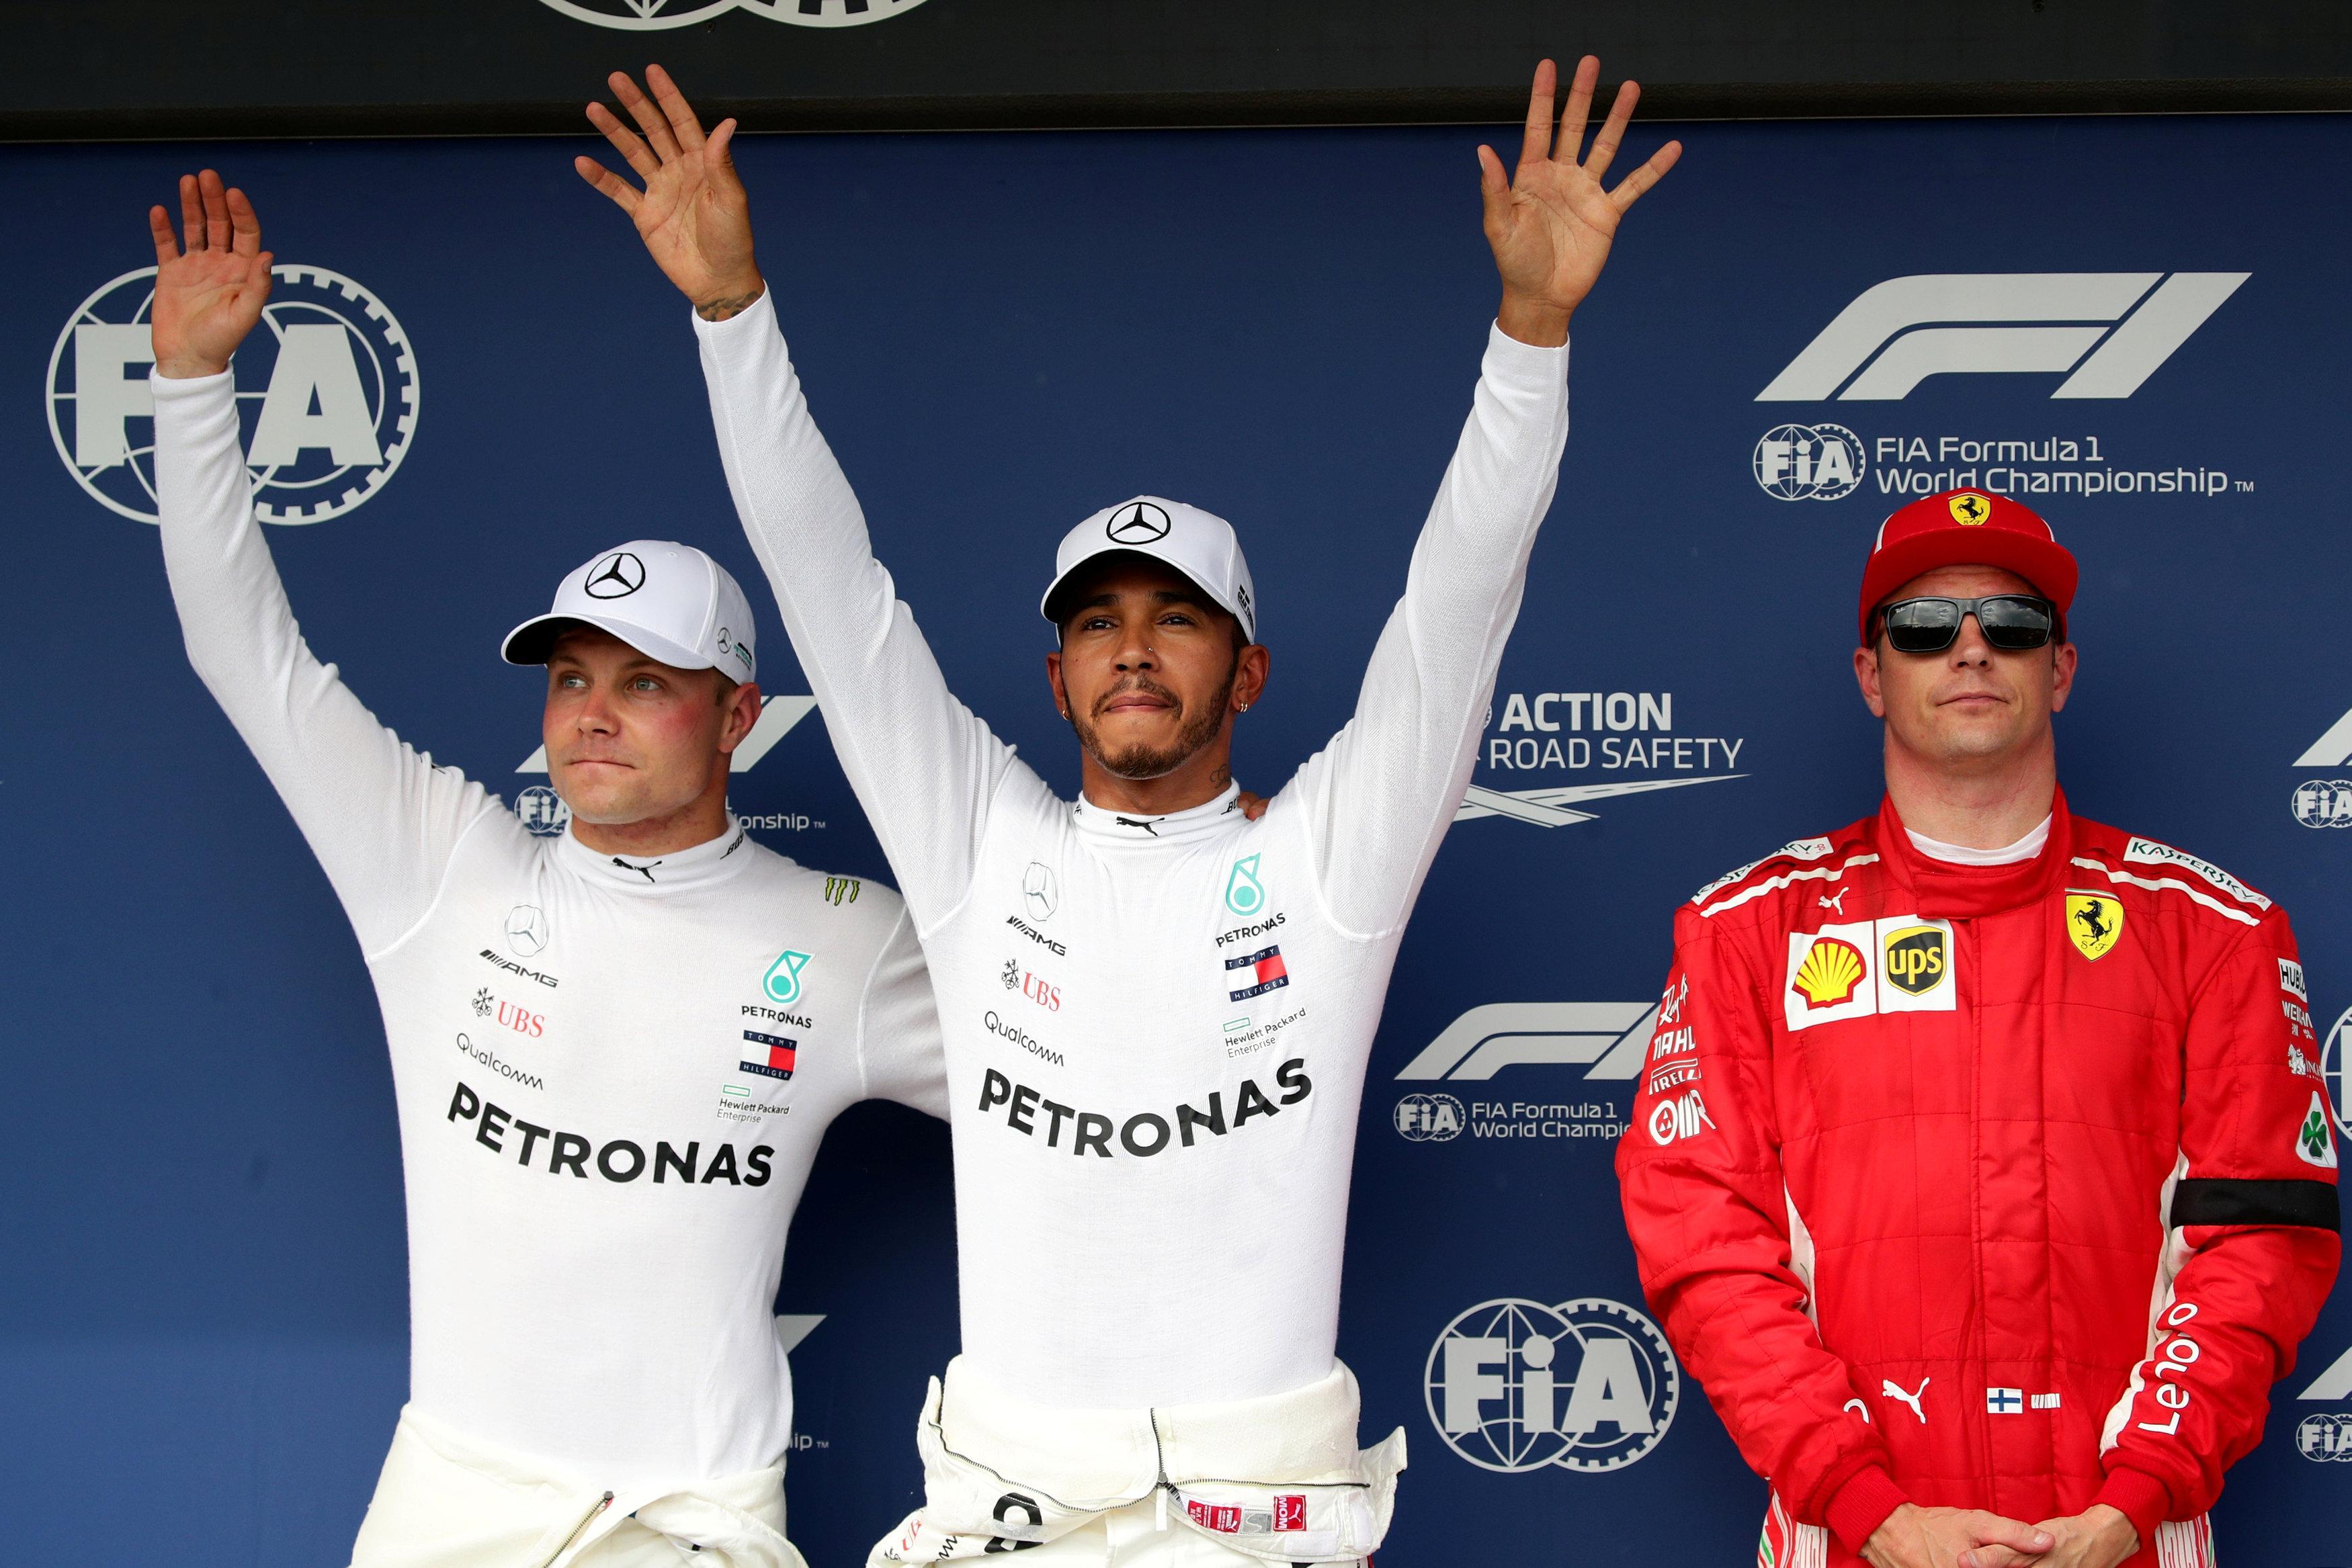 Hamilton will start ahead of team-mate Bottas and Ferrari's Raikkonen